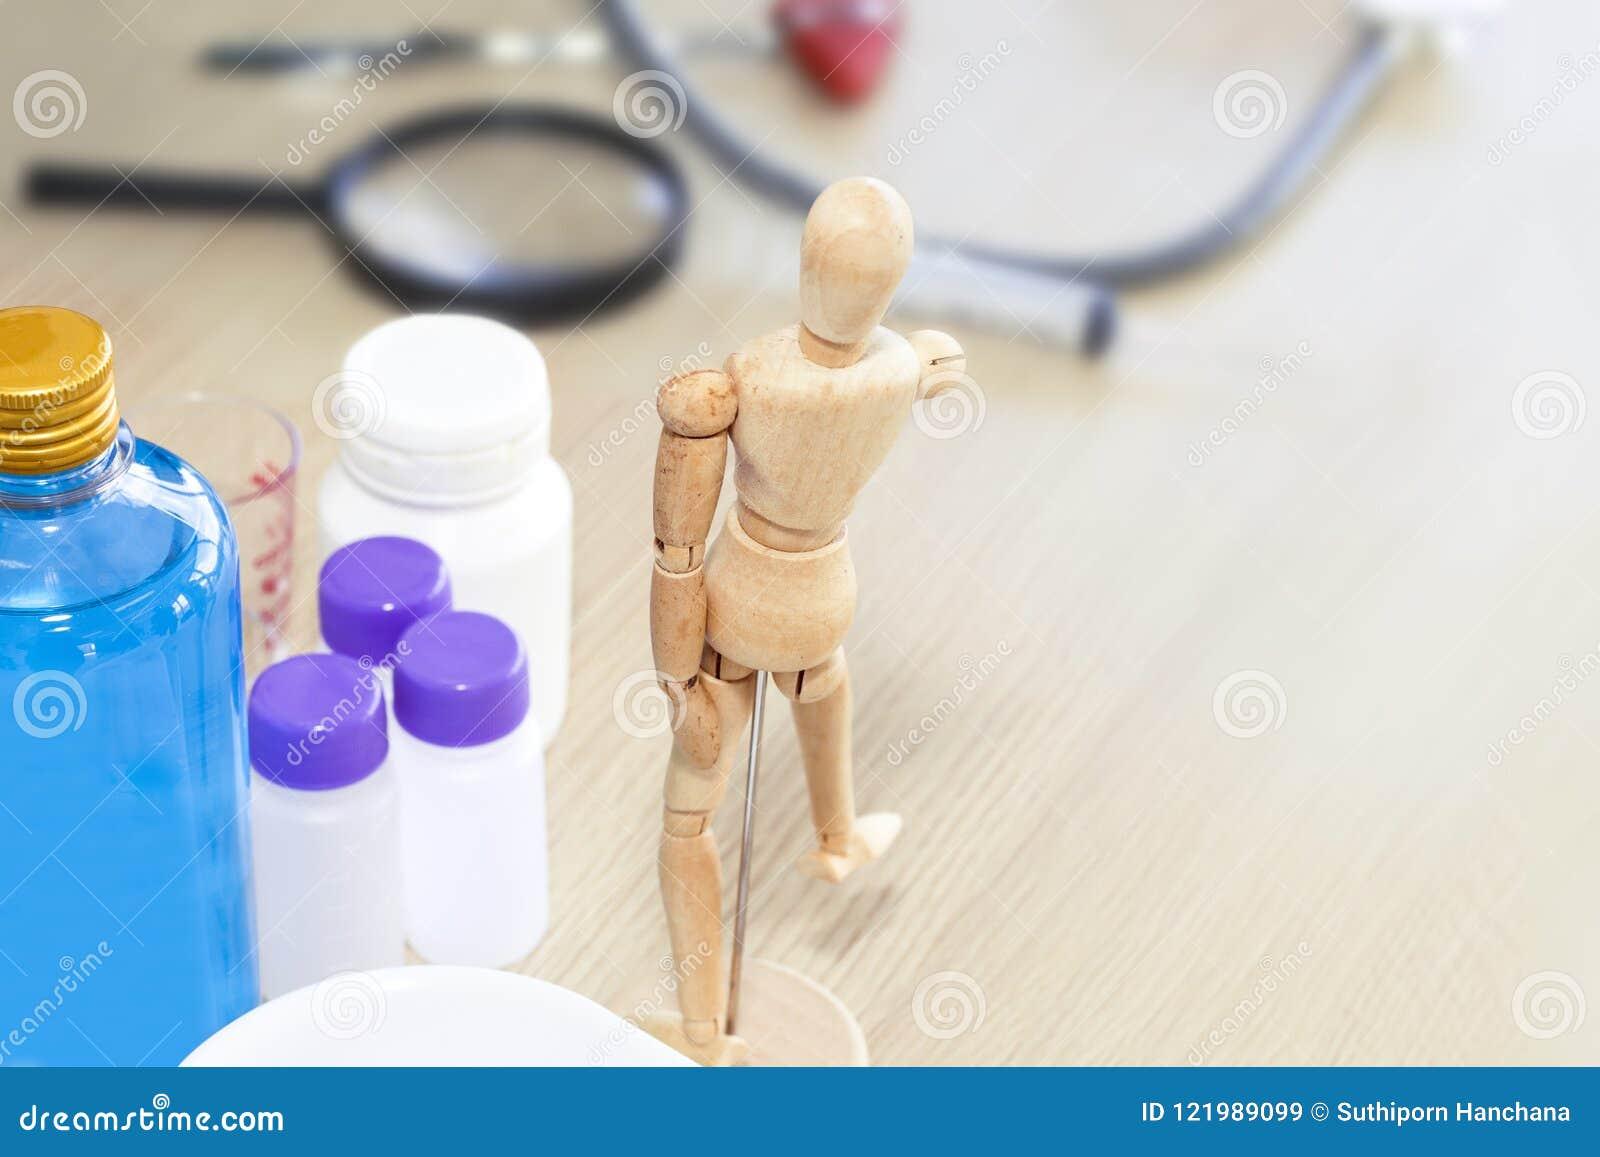 Деревянная человеческая модель, спирт затирания и медицинское оборудование на таблице